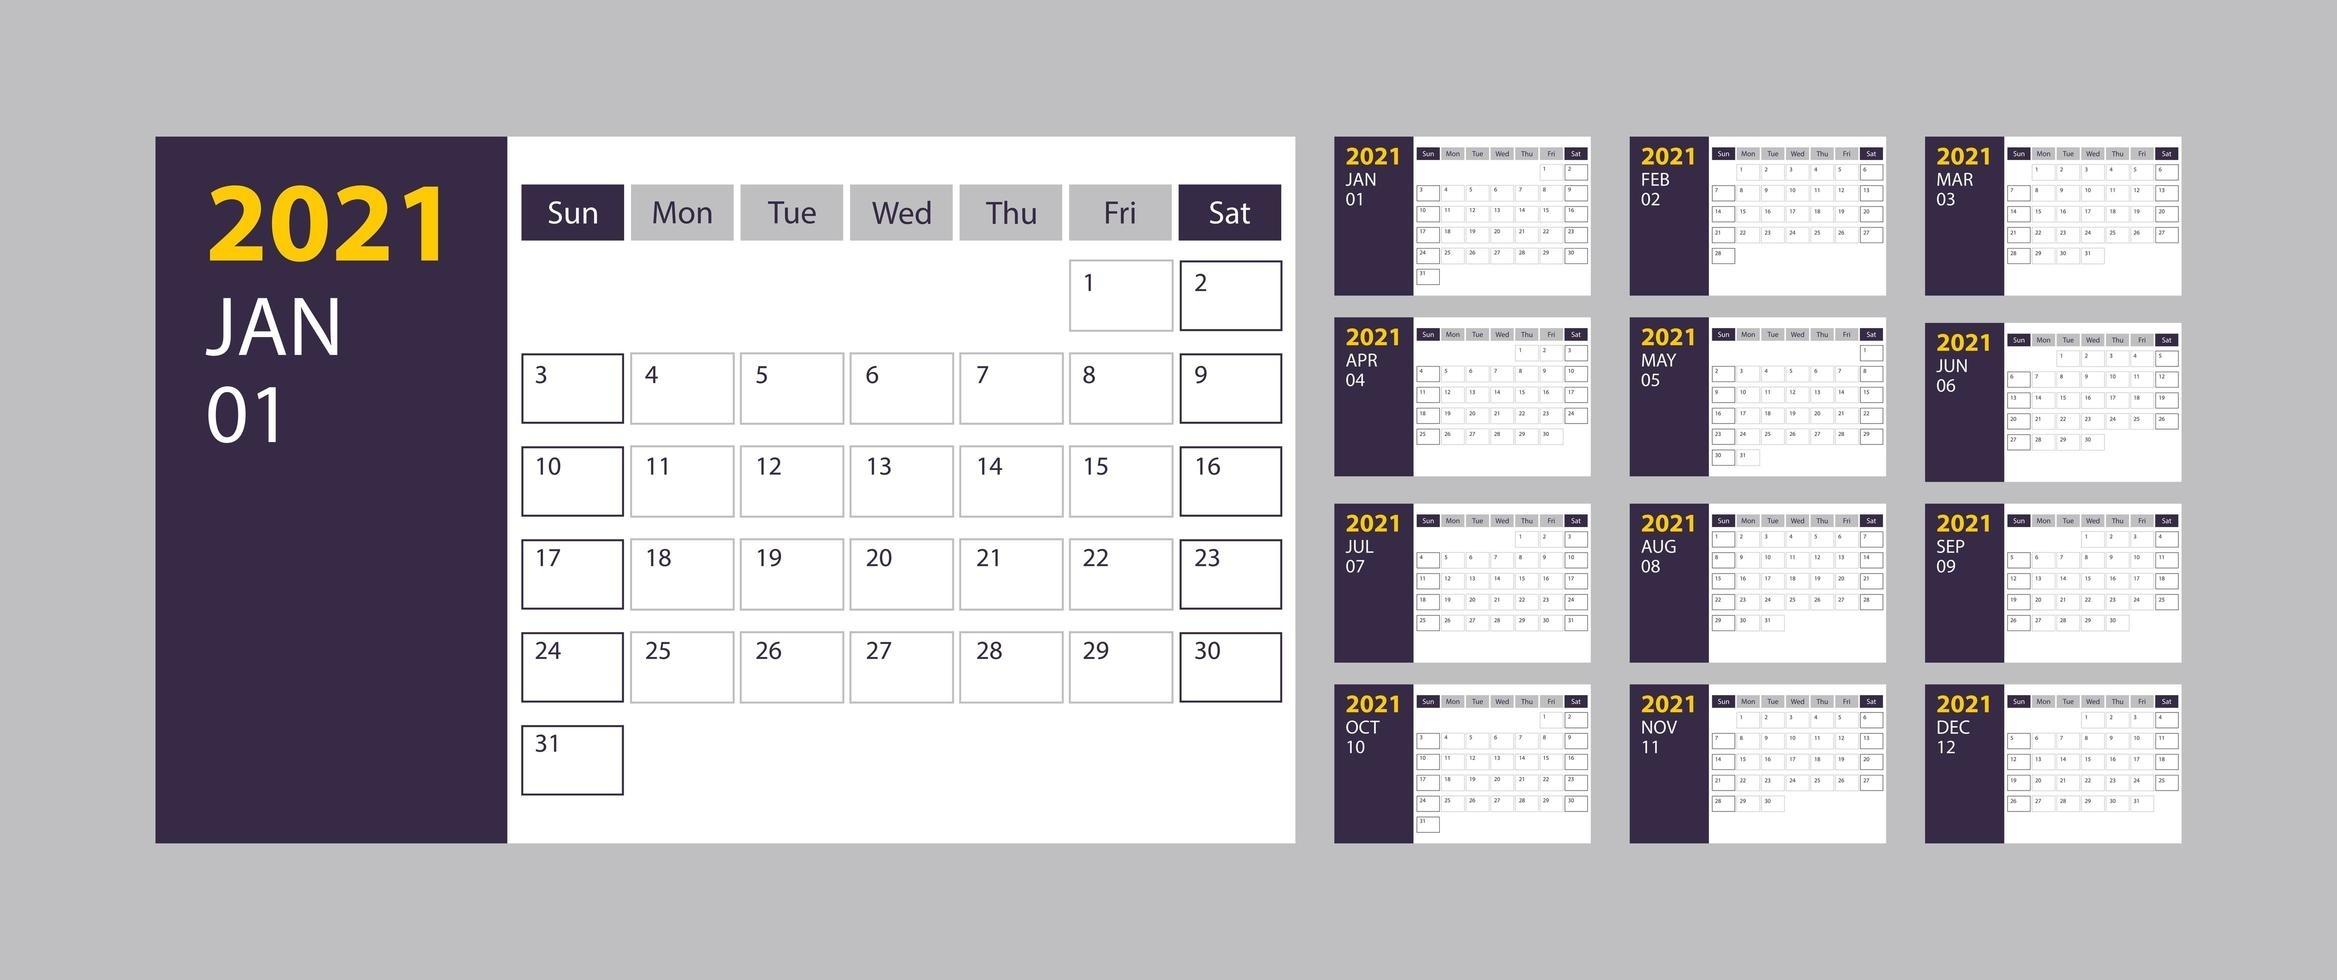 Calendario 2021 Semana Inicio Domingo Plantilla De Calendario 2021 Con Semanas